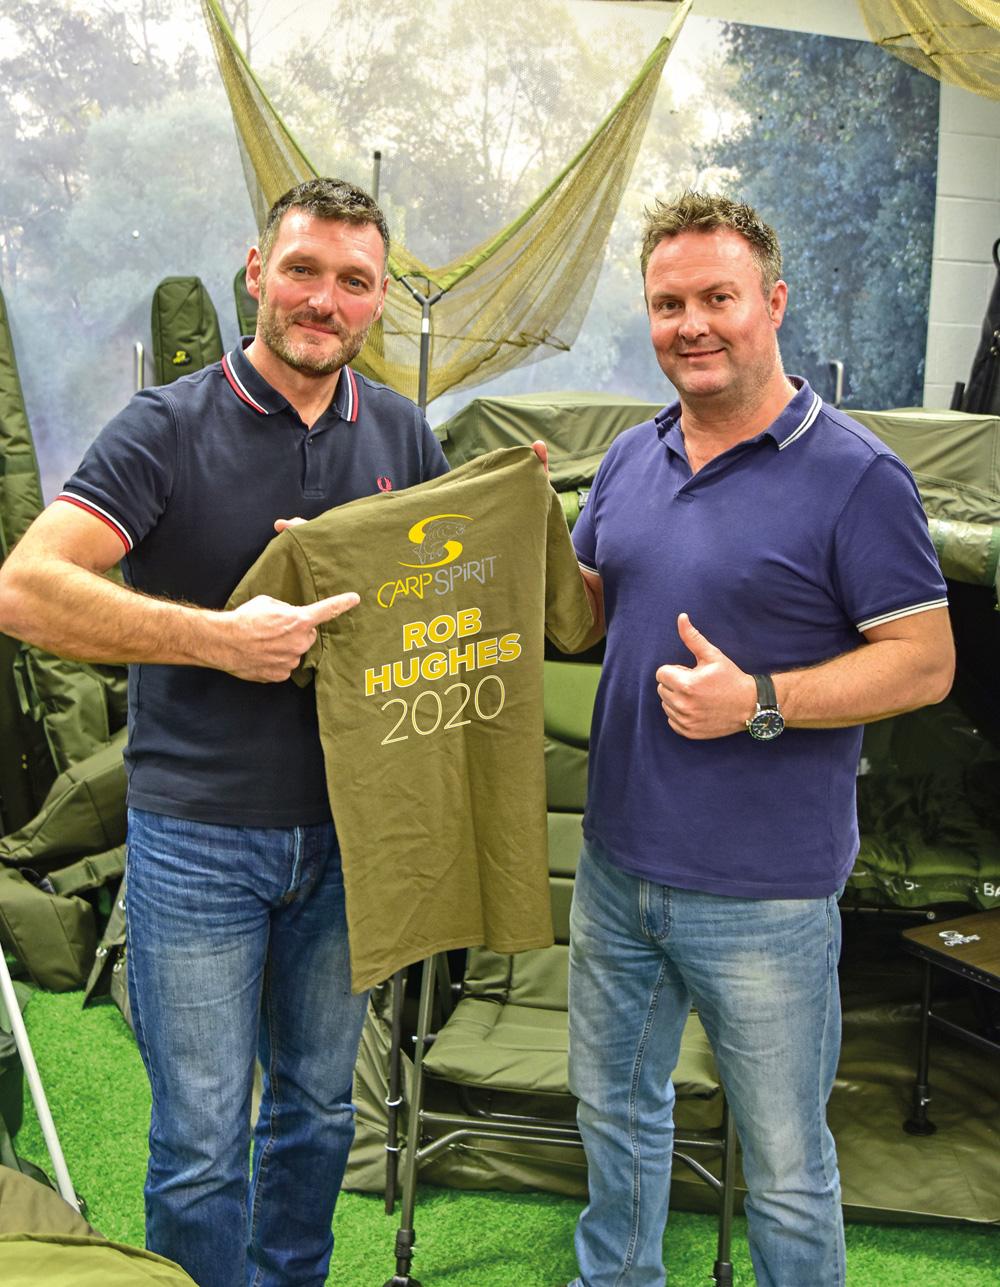 """Daryl Hodges, hoofd marketing van Dynamite Baits en Carp Spirit, voegde eraan toe: """"Met zijn ervaring en passie voor de sport en kennis van de branche is Rob geweldig om aan boord te hebben voor Carp Spirit, hij zal ons helpen bij het vergroten van de interesse voor het karpervissen in de UK en daarbuiten middels een aantal geweldige producten! Met Rob en Ian die samen werken, zal Carp Spirit zich nog meer laten zien dit jaar."""""""